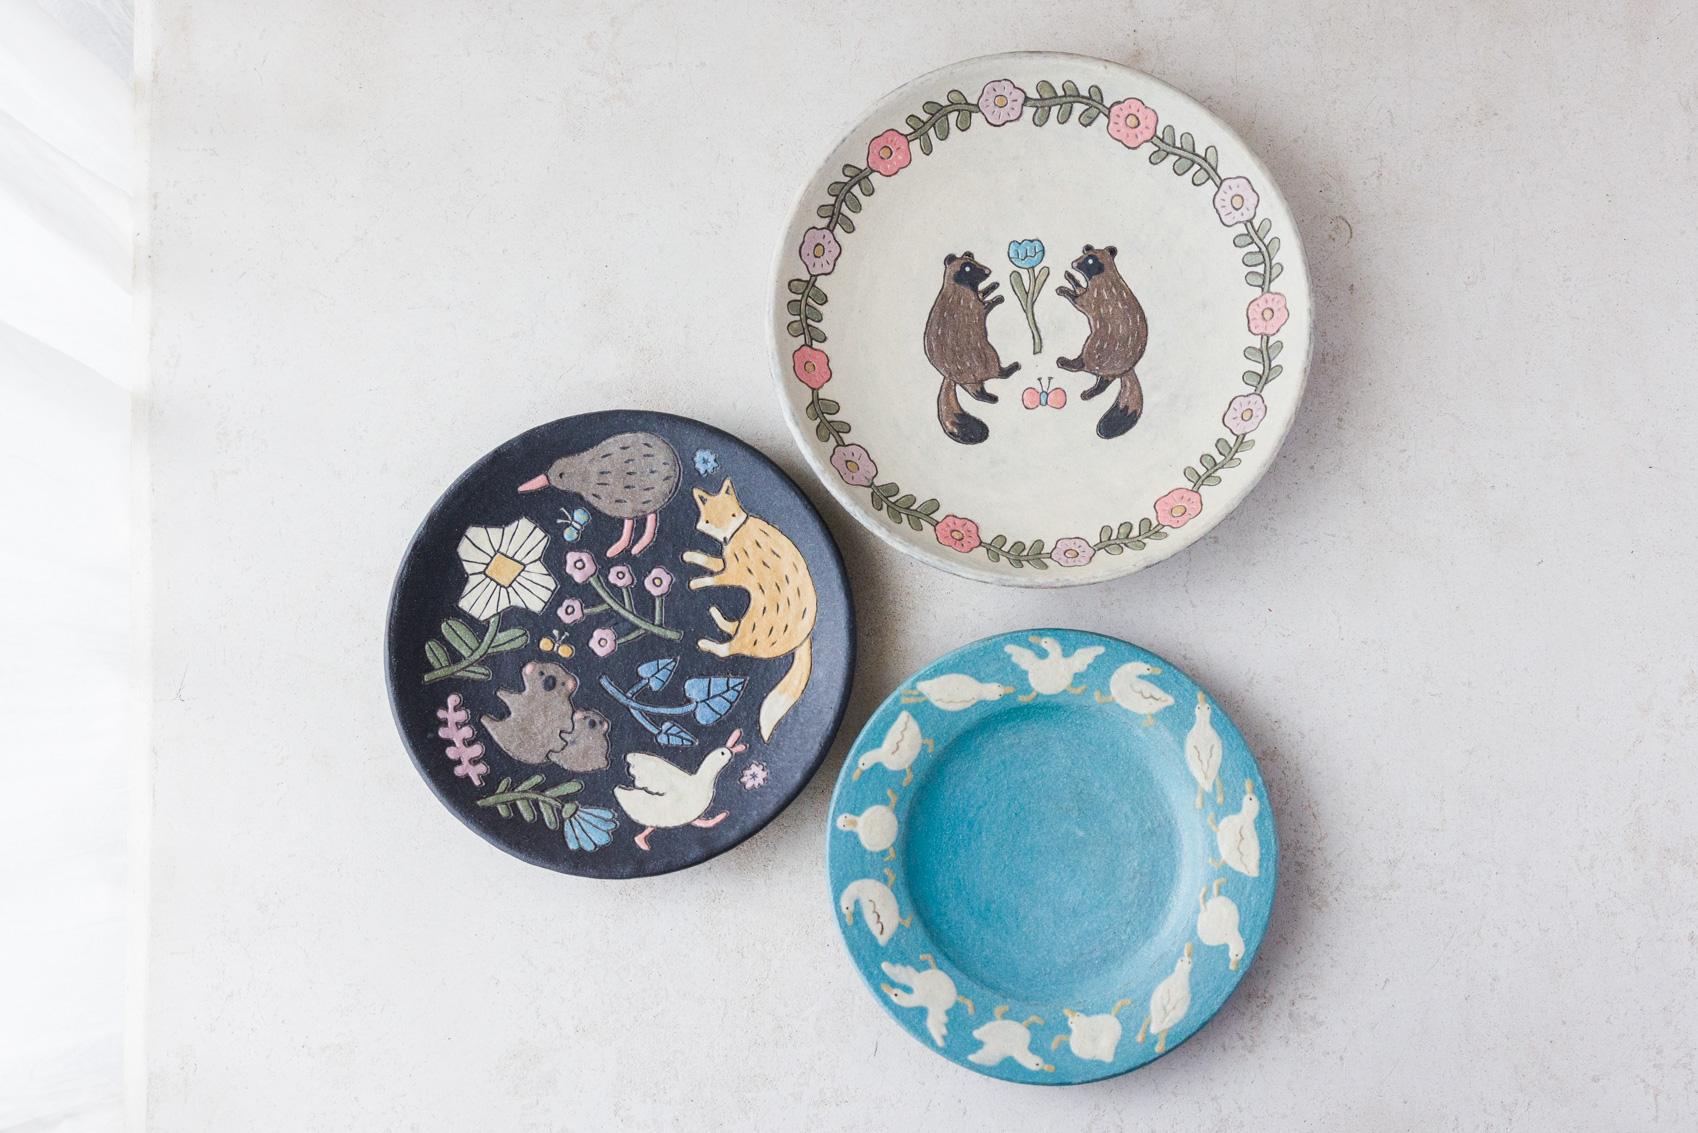 すずきまこと 陶器 作品